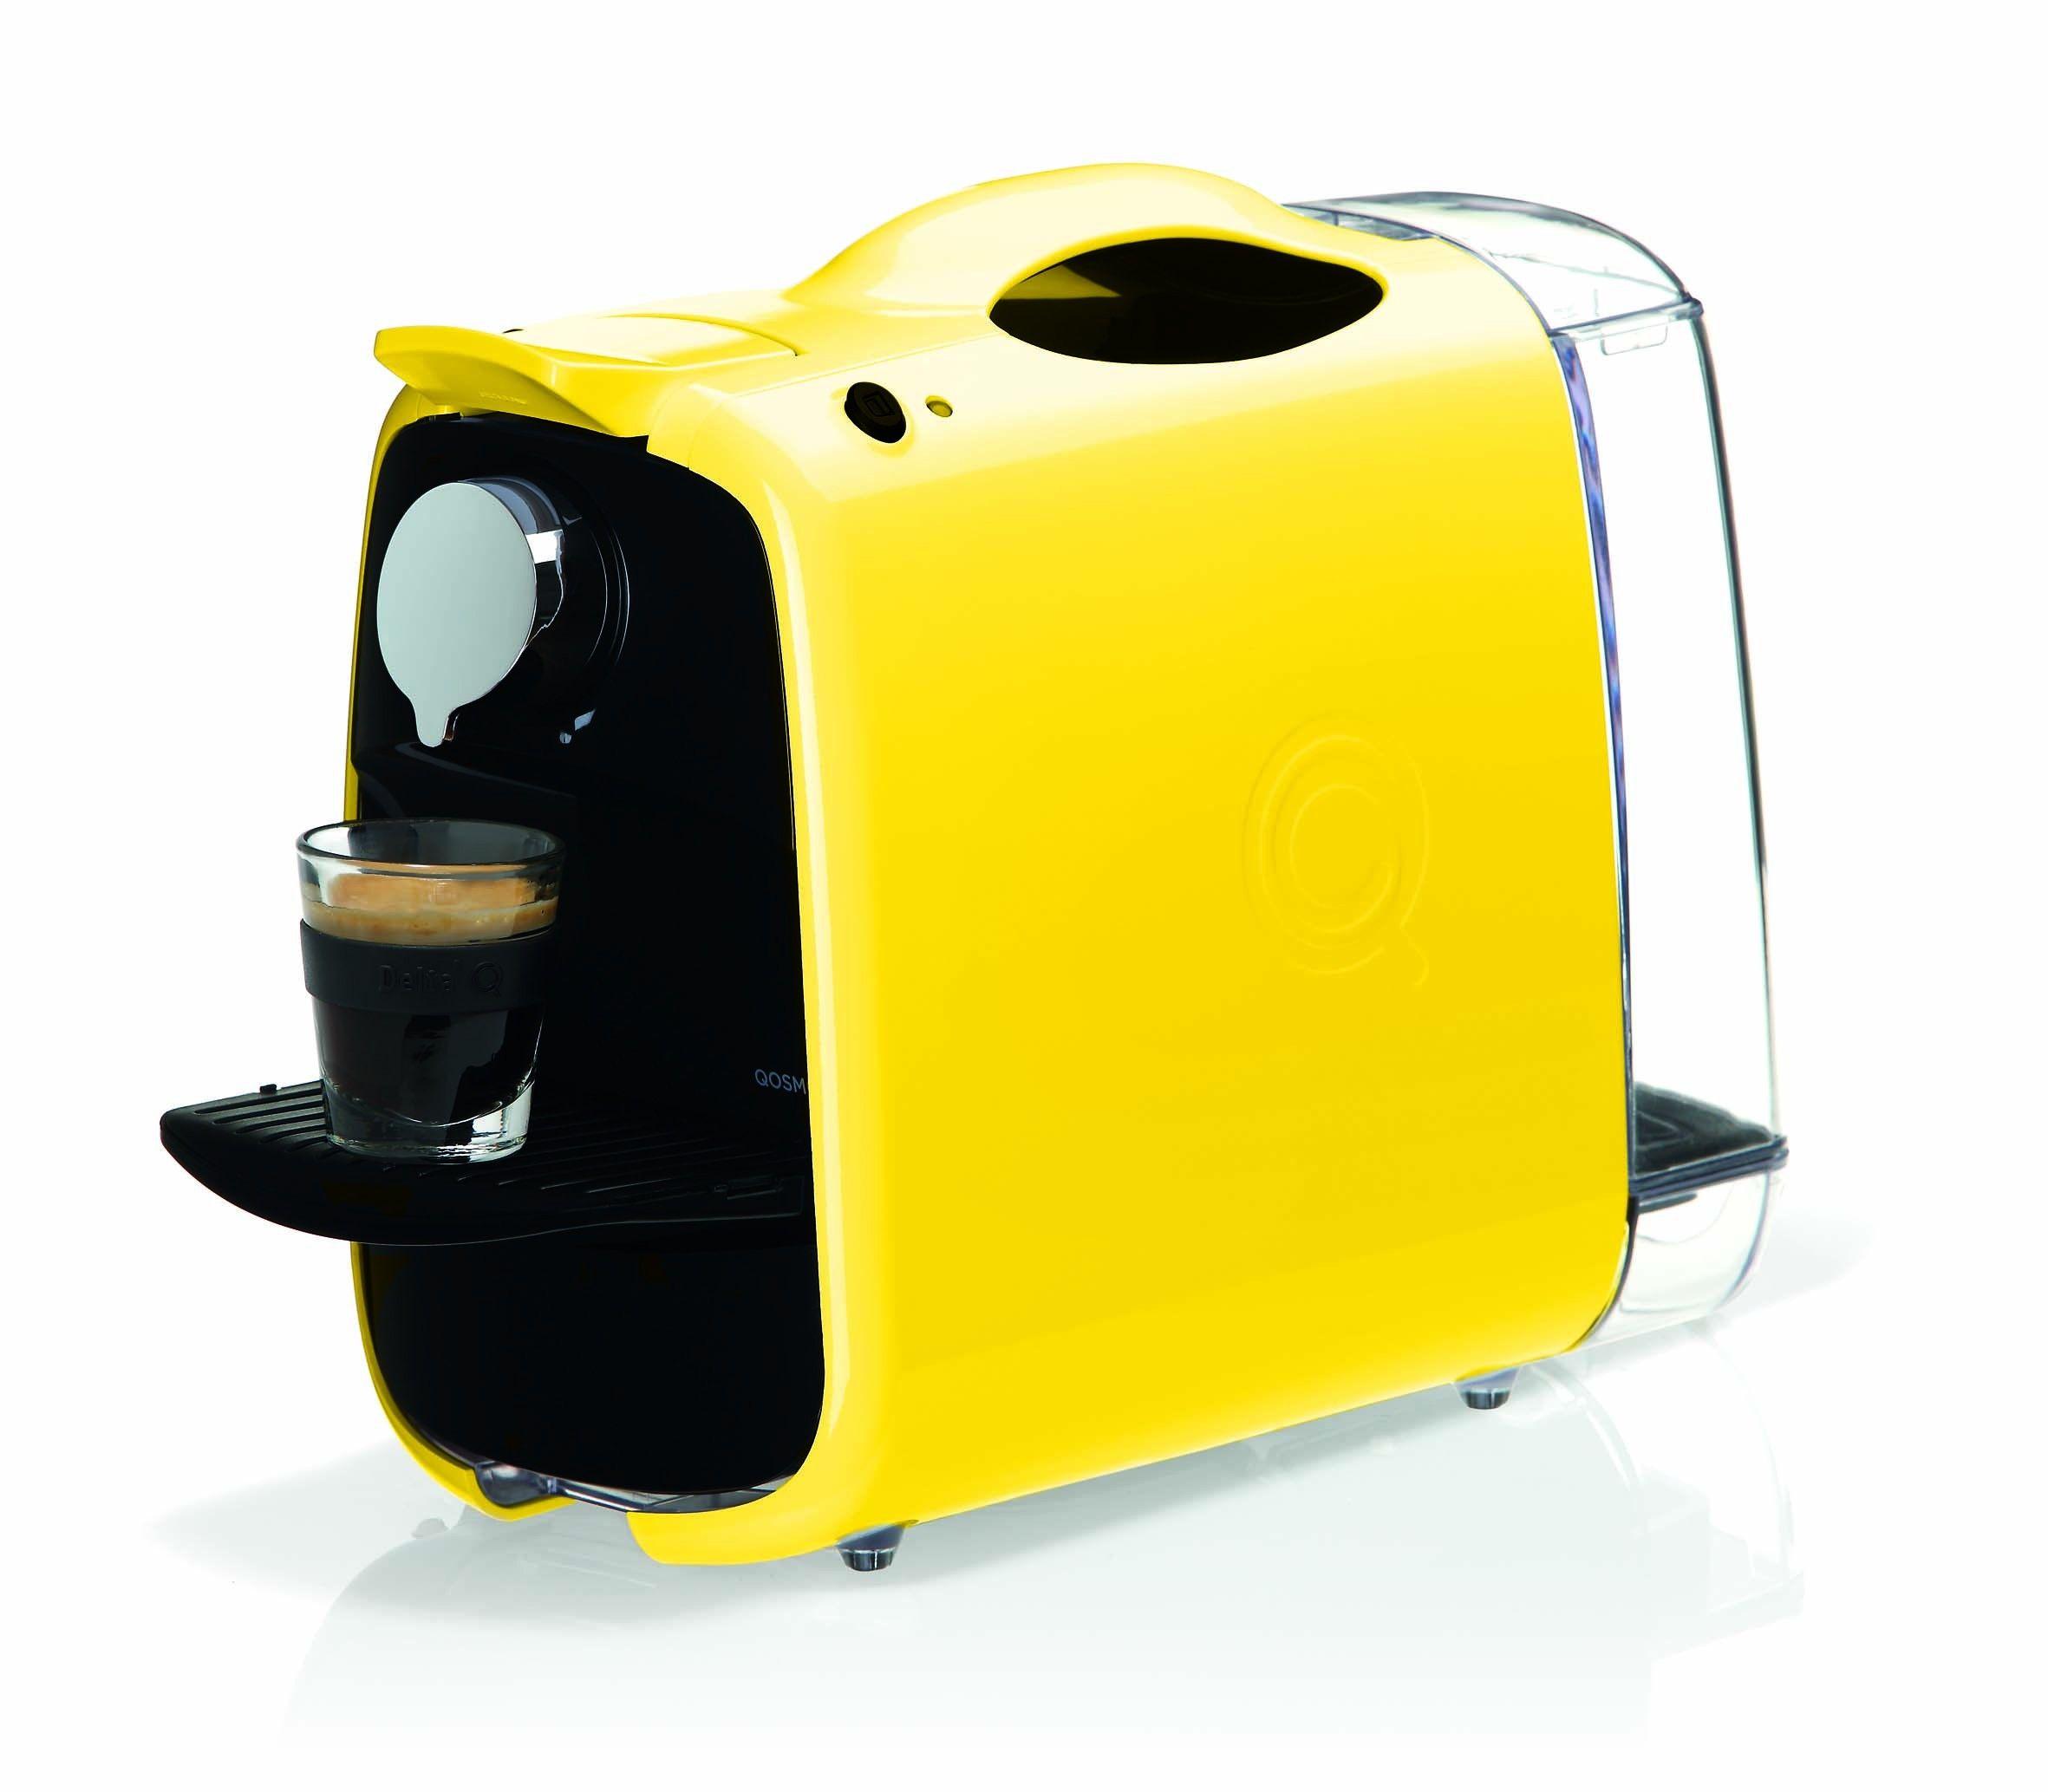 Máquina Café Expresso DELTA Q Qosmo 2.0 Gloss Qanario